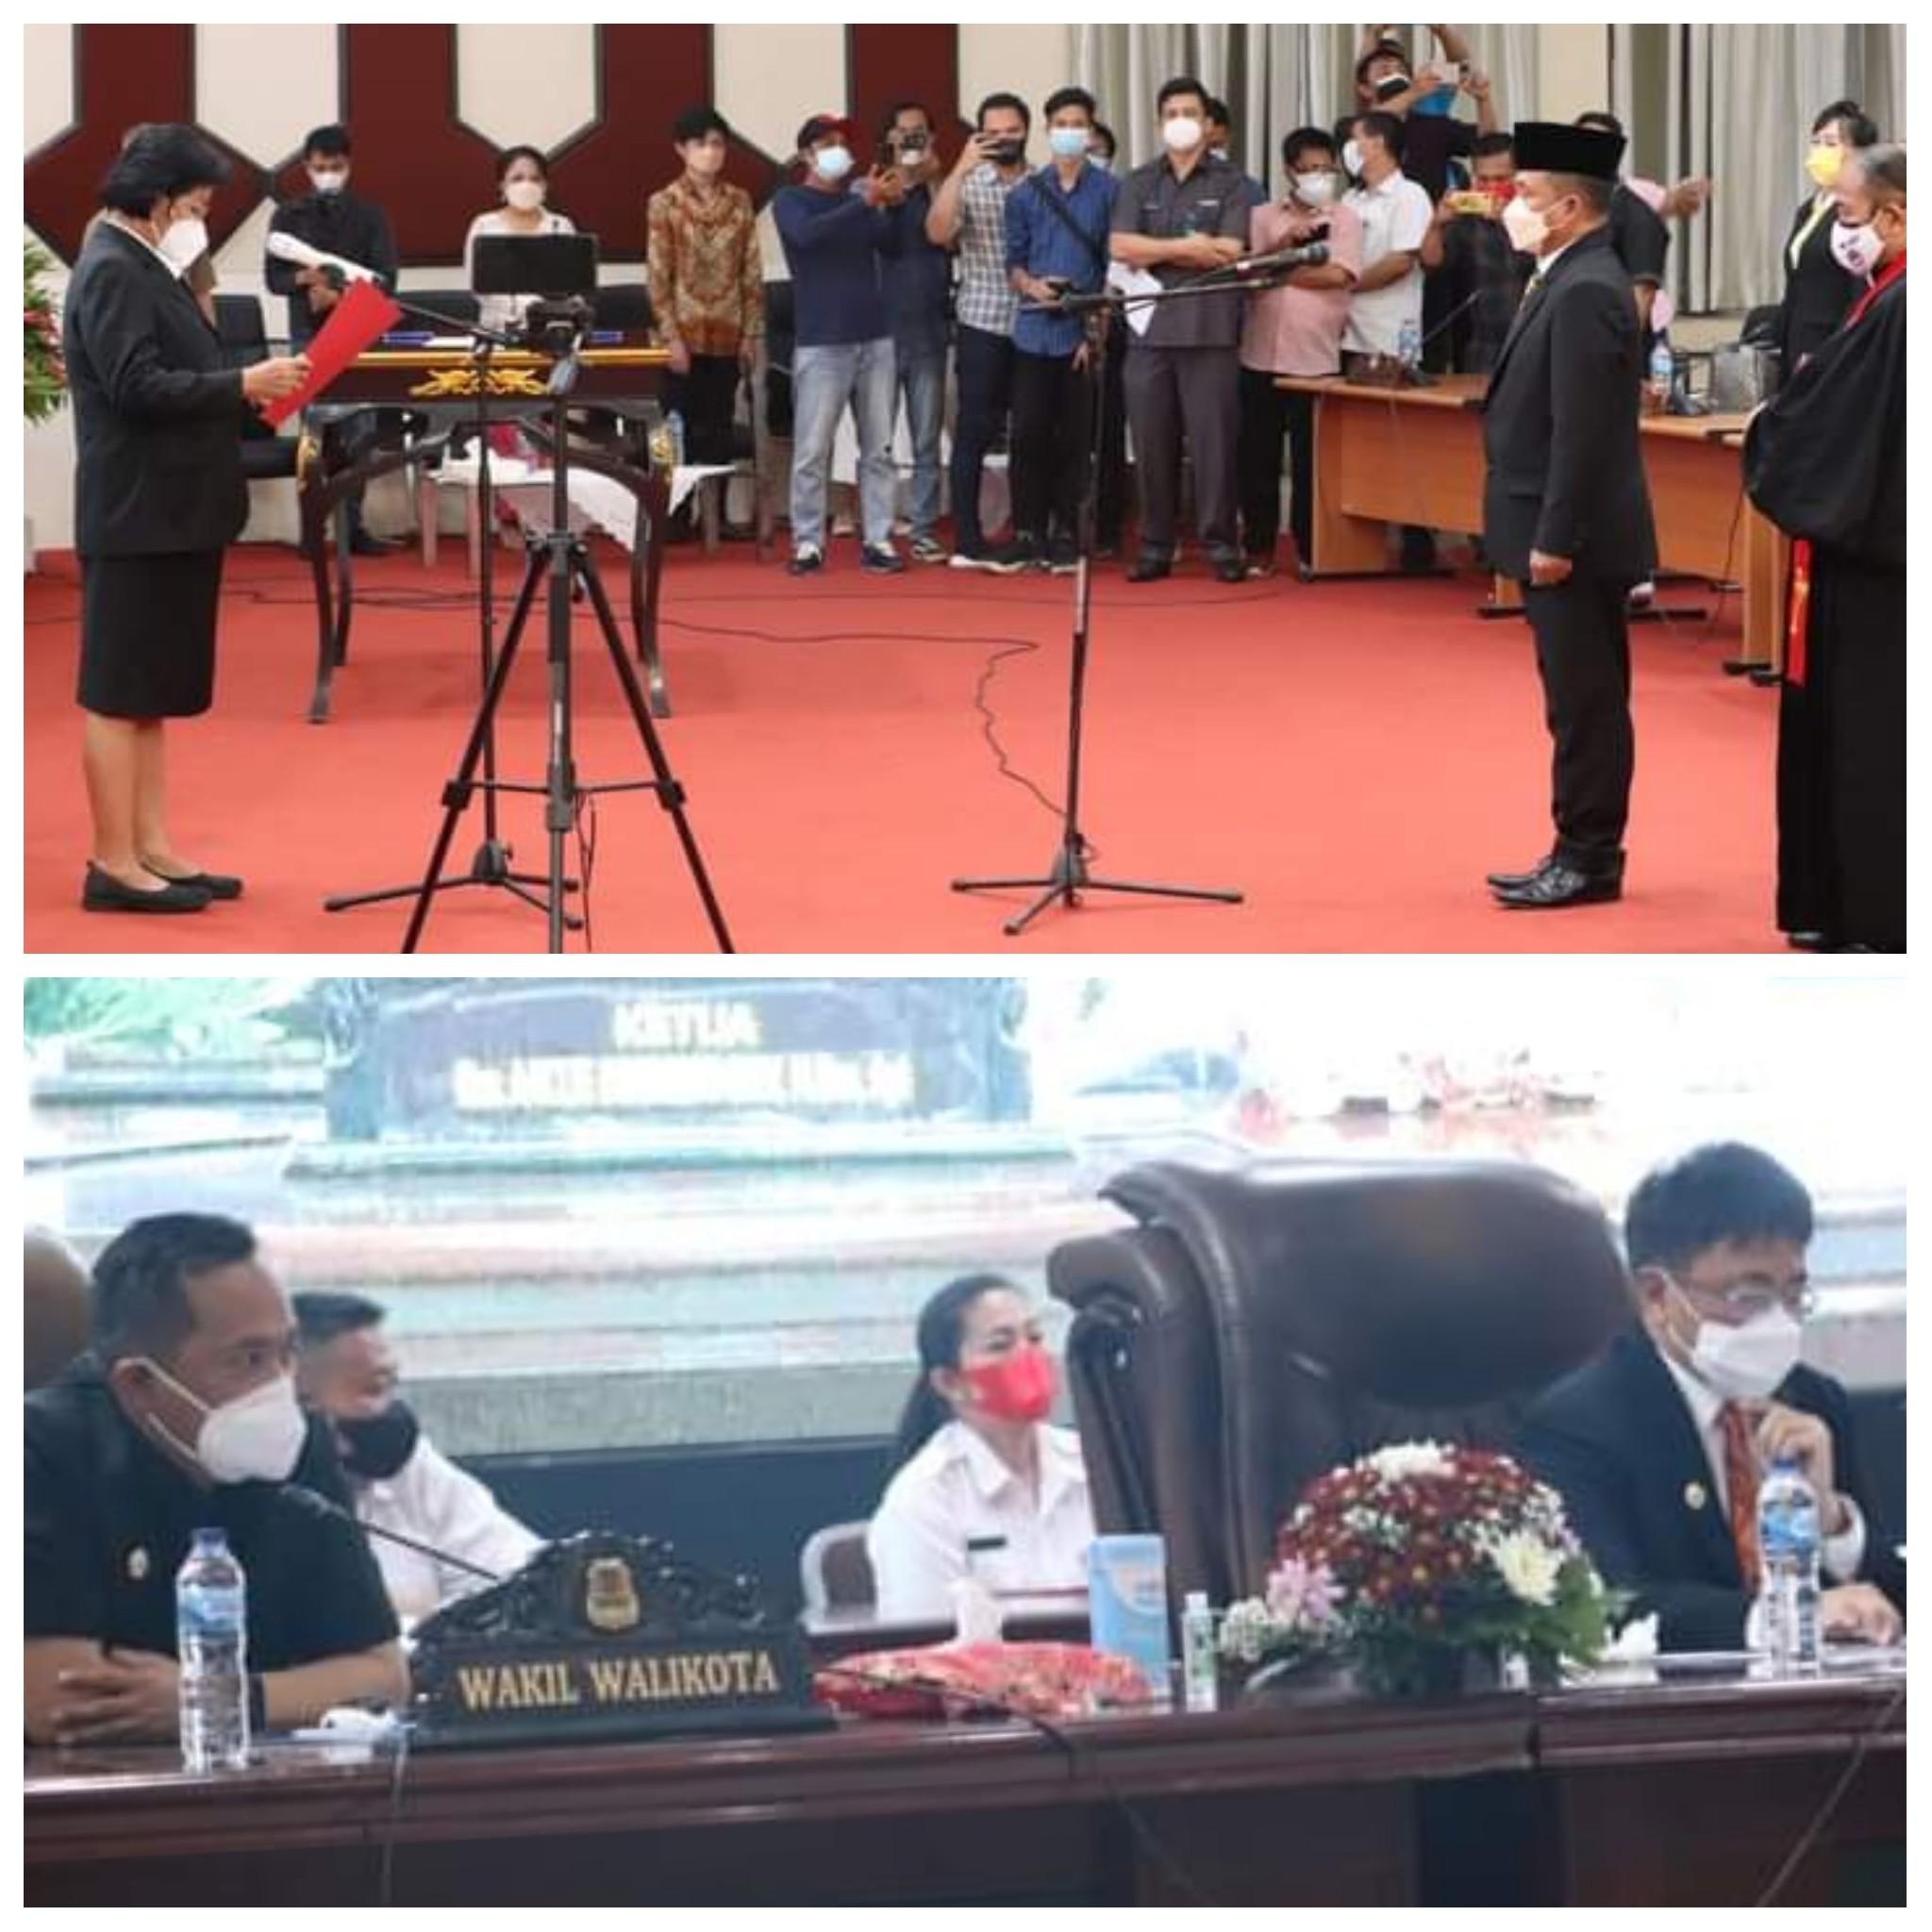 Dolfie Angkouw Resmi Anggota DPRD Manado, Walikota: Dari Wasit Jadi Pemain dan Gol